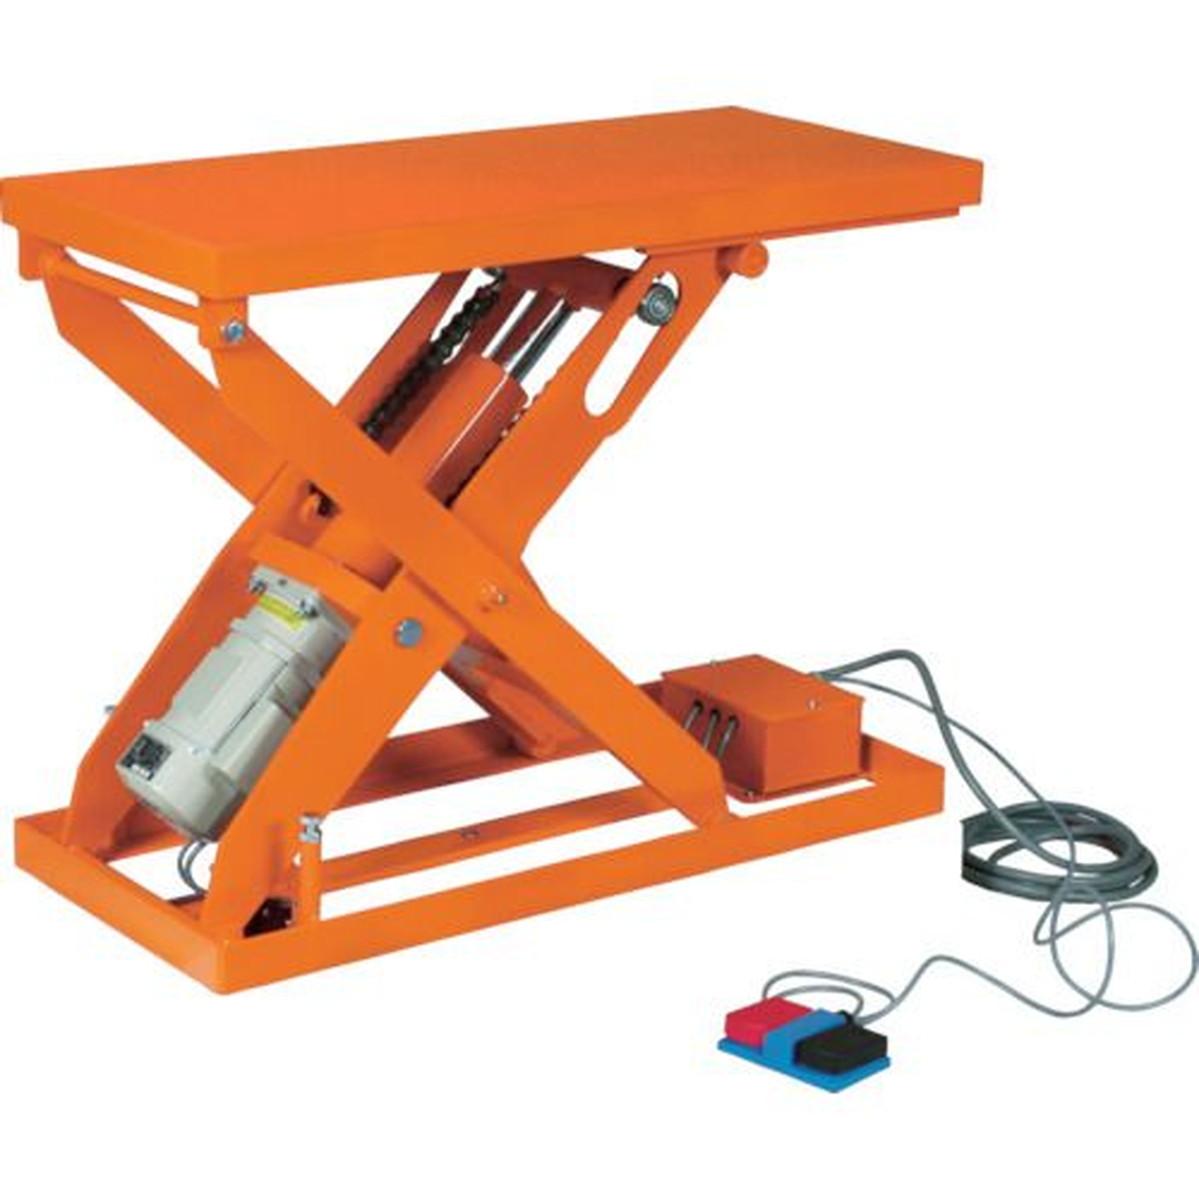 【激安大特価!】  TRUSCO 1台 TRUSCO スーパーFAリフター300kg 電動式 900X500 電動式 1台, ミヤモリムラ:31bc79be --- verandasvanhout.nl